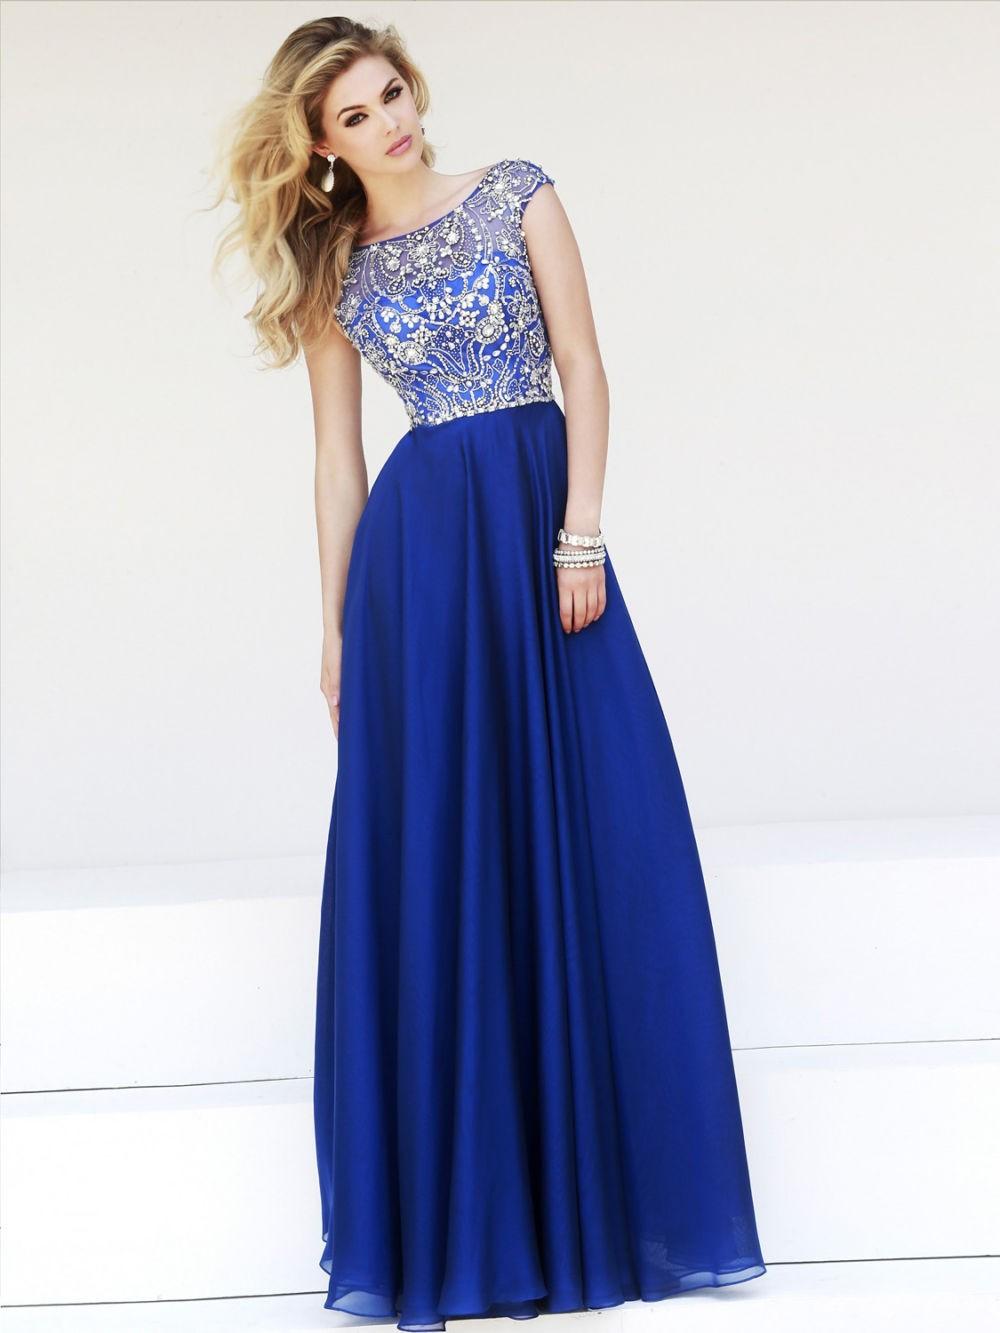 платья на выпускной 9 класс самые красивые:  синее платье в пол верх ажурный